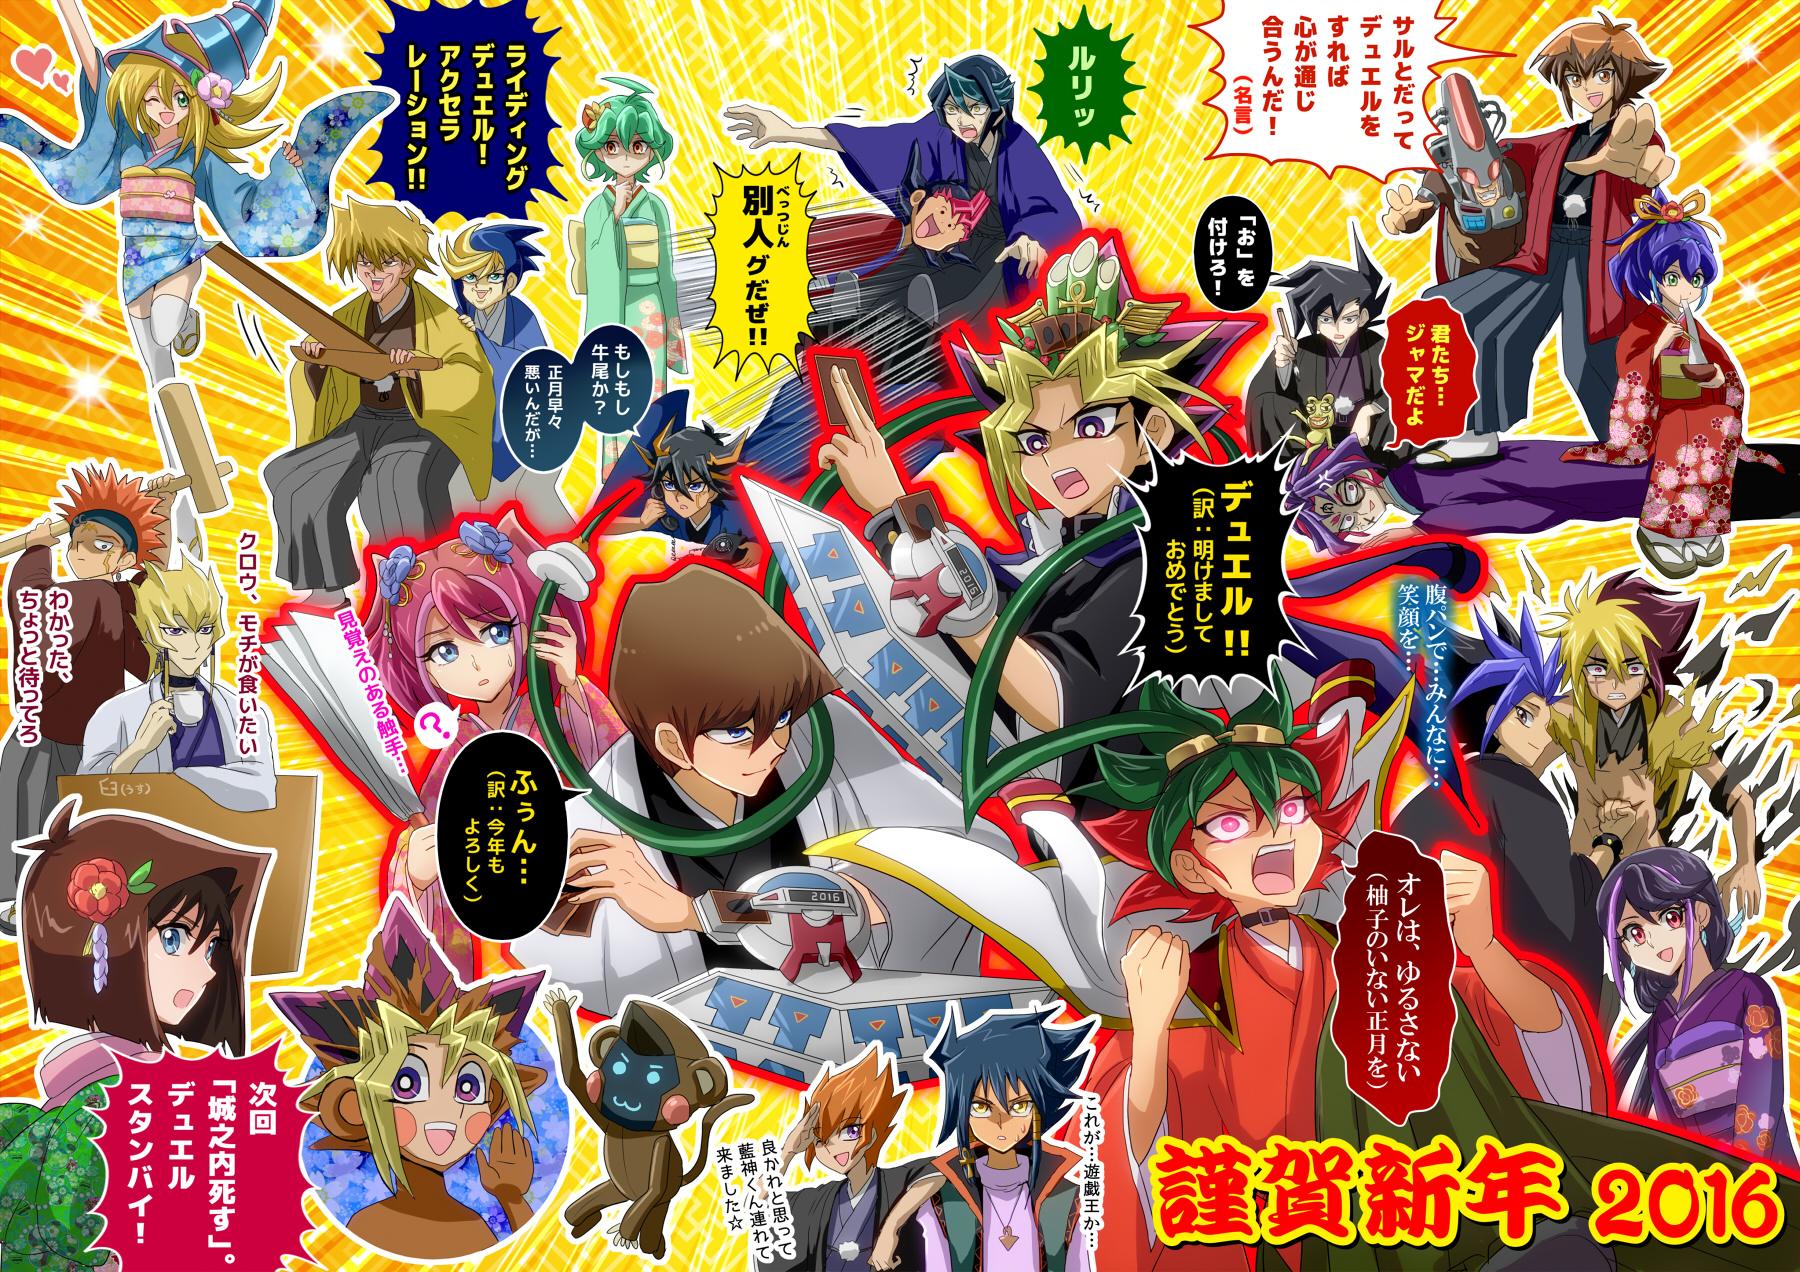 yu gi oh image 1956642 zerochan anime image board